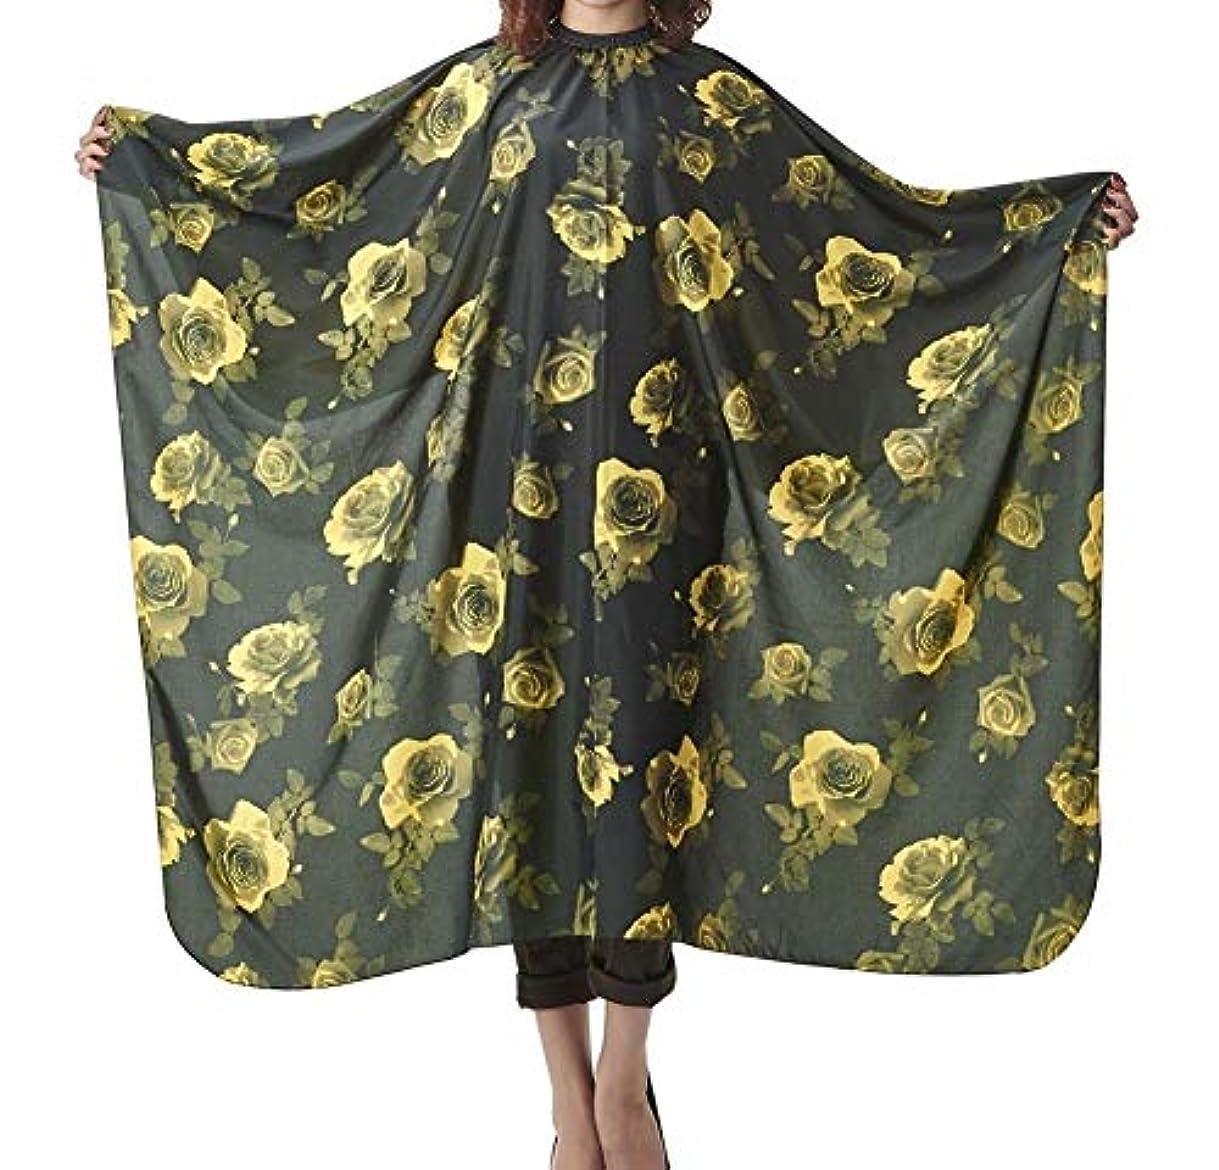 追放アンデス山脈実業家HIZLJJ 美容院ケーププロフェッショナルカットヘア防水布サロン理容ガウンケープ理髪ツール (Color : Yellow)